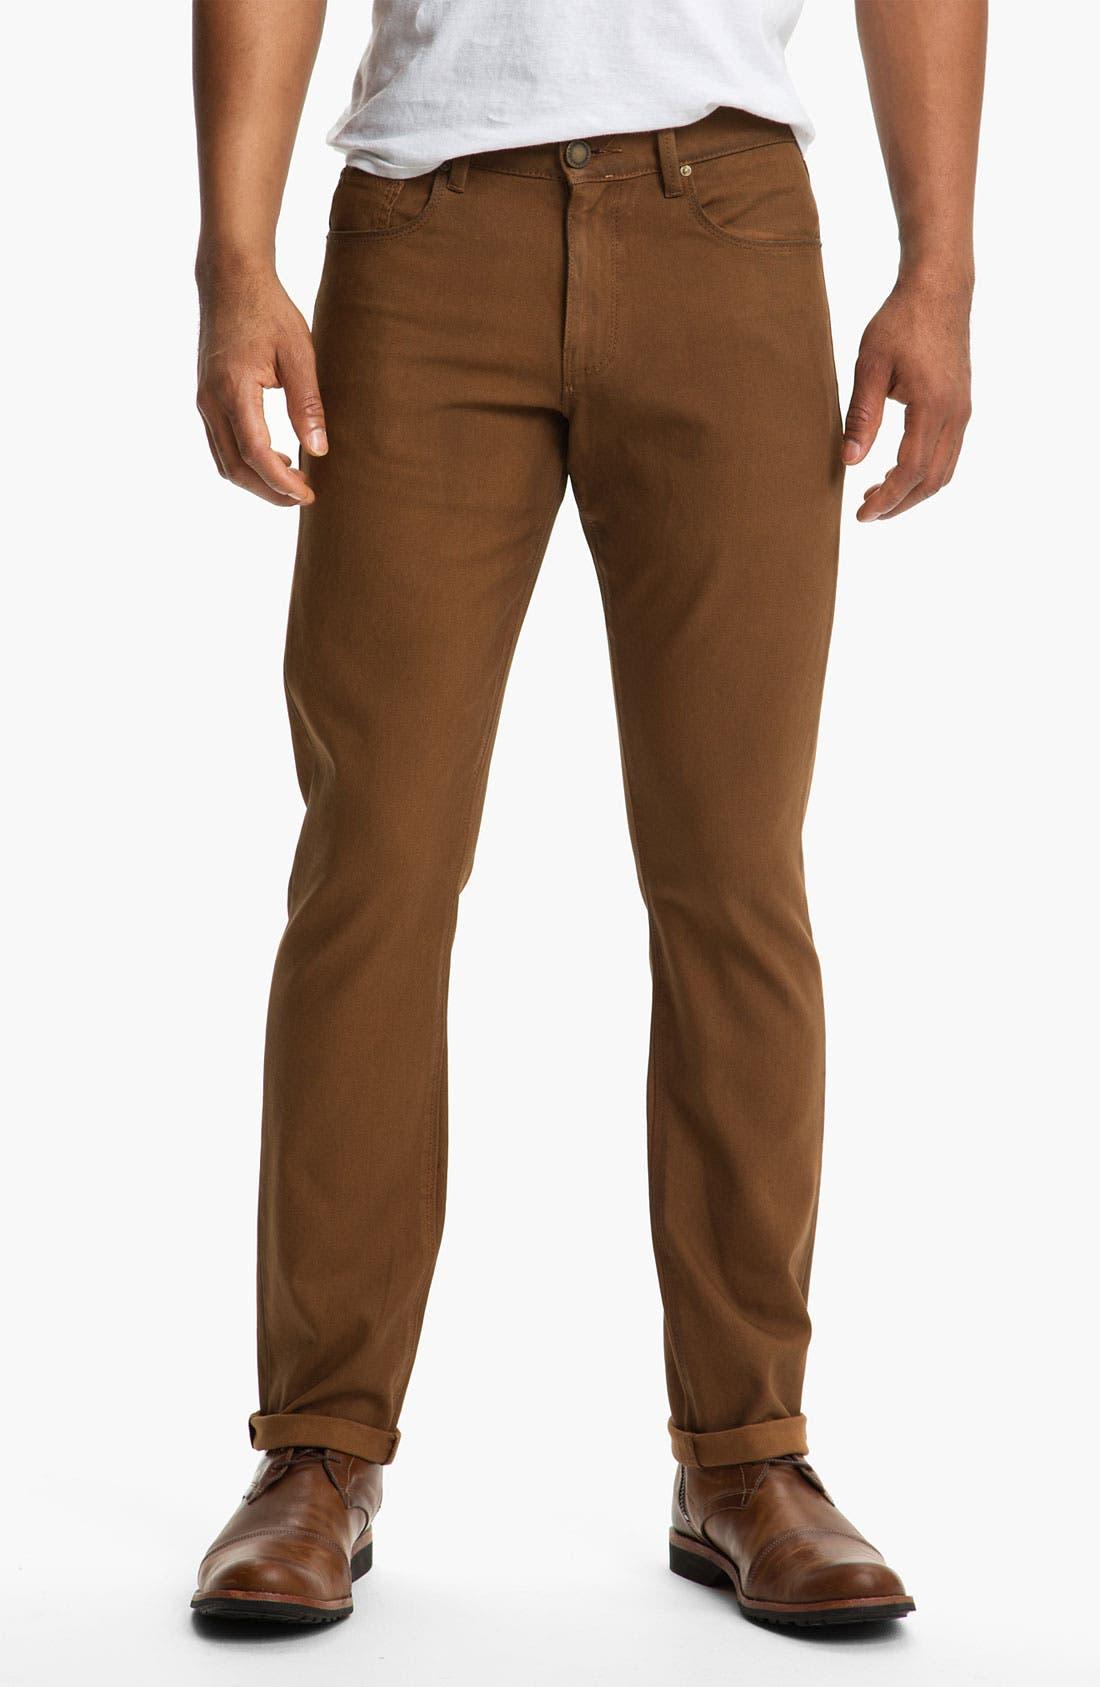 Alternate Image 1 Selected - DL1961 'Russell' Slim Straight Leg Jeans (Desert) (Online Only)